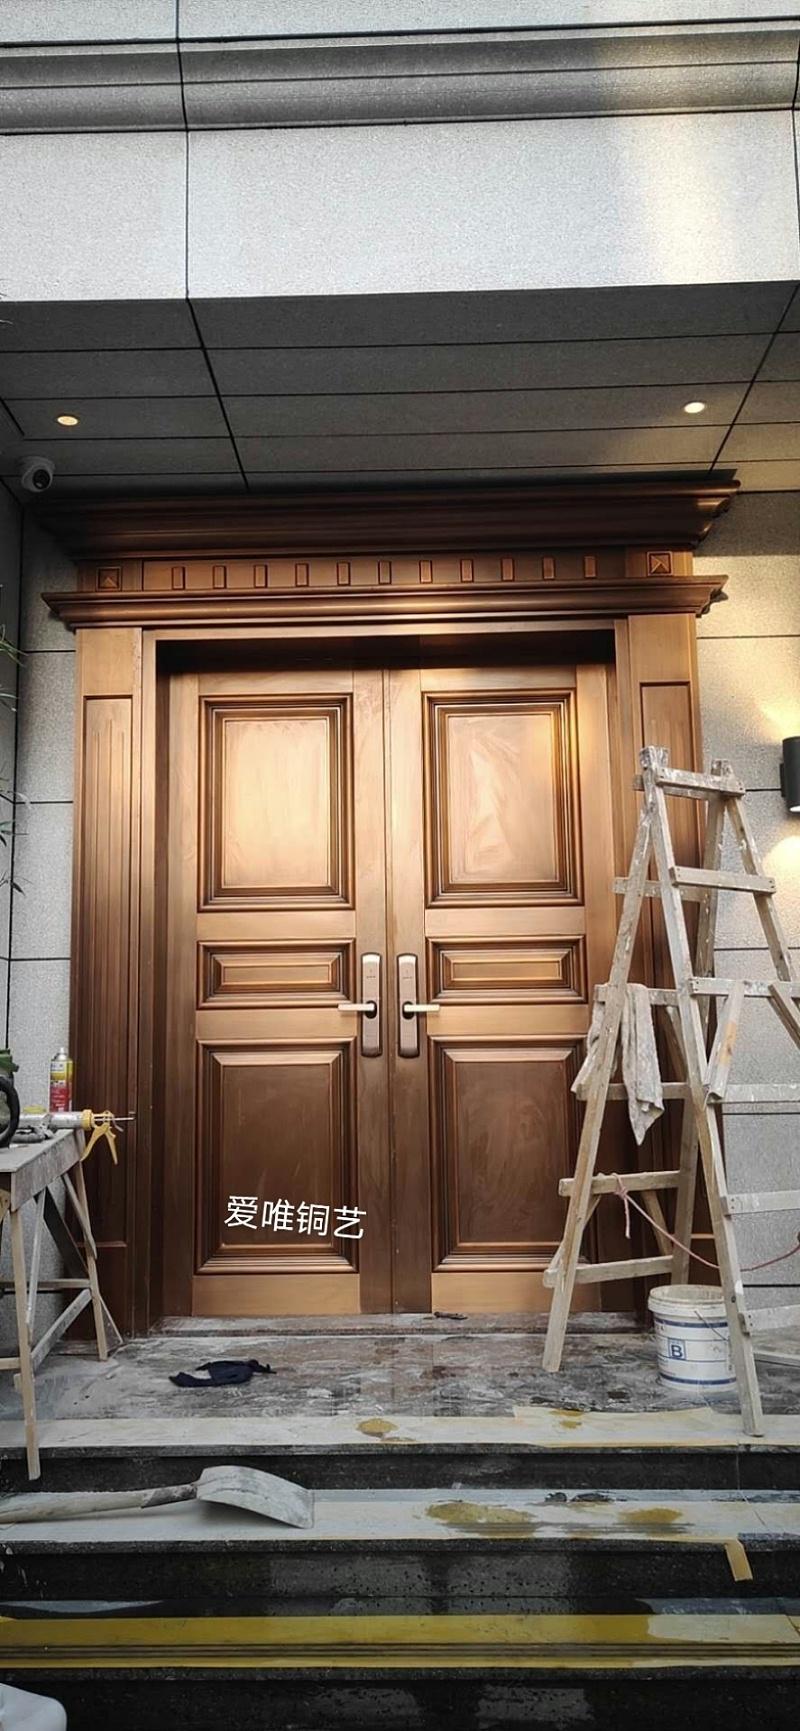 金沙洲别墅铜门 (1)